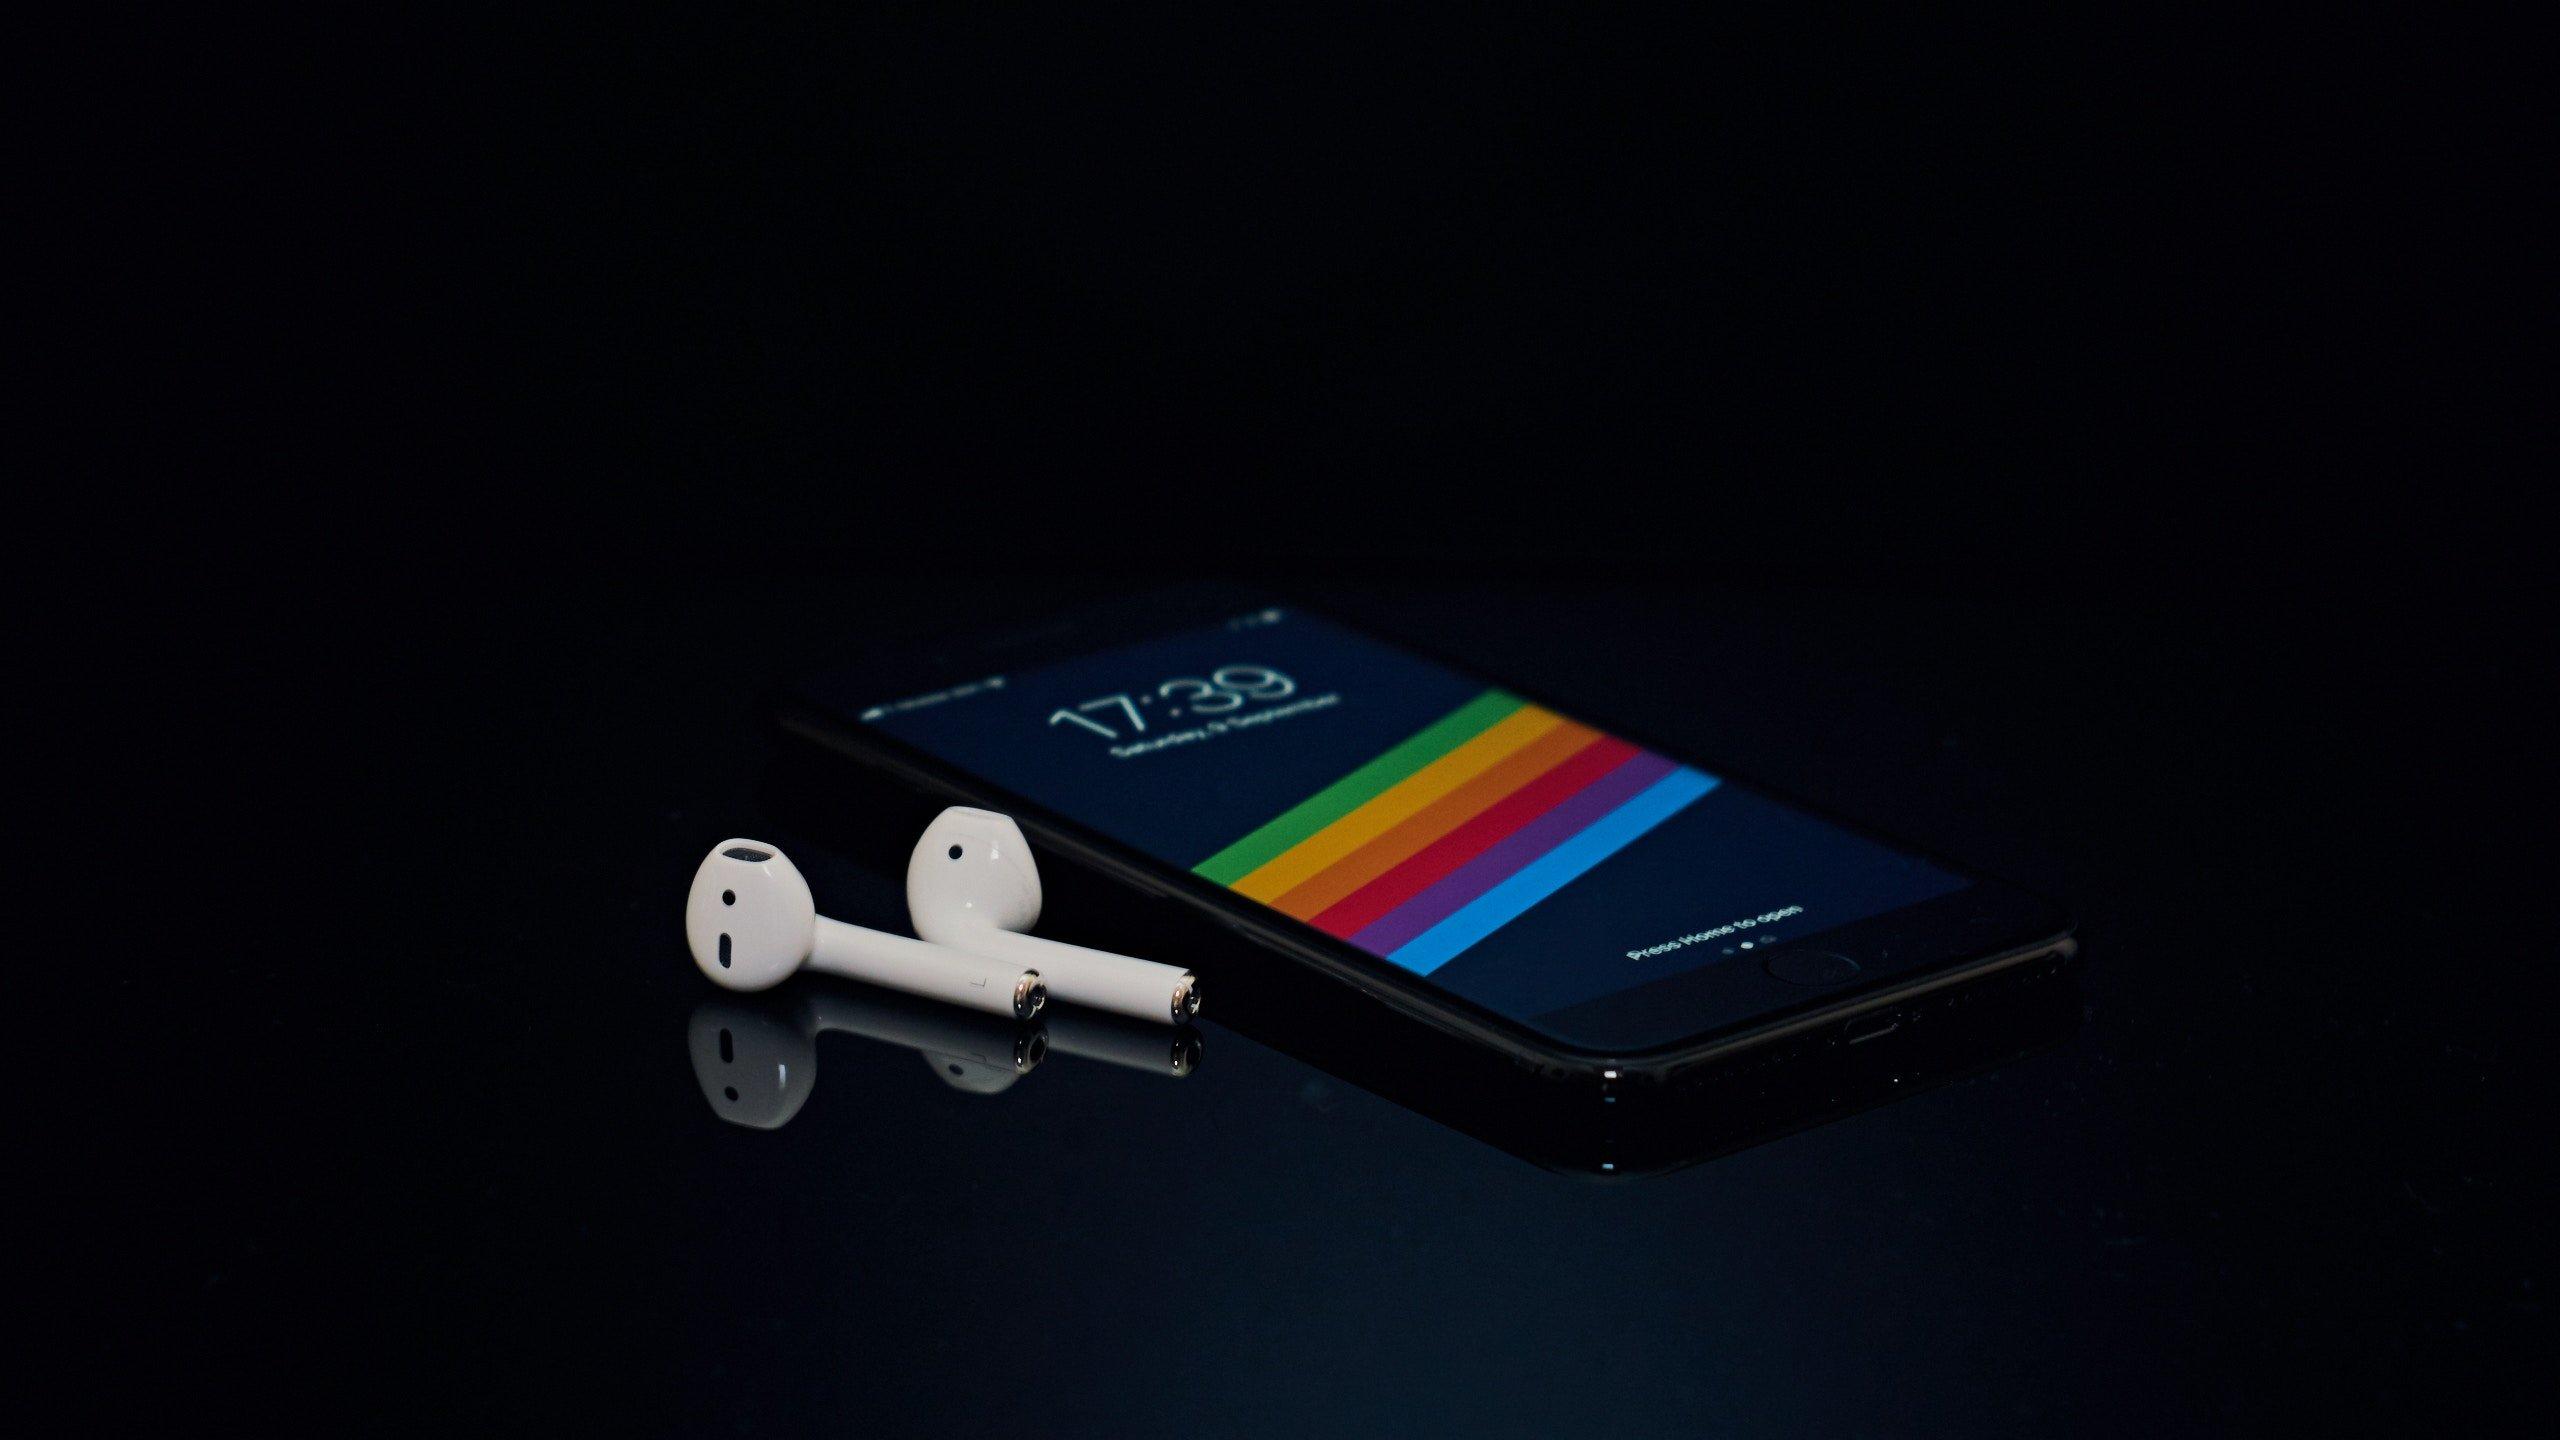 <p>Draadloze oordopjes worden steeds meer gemaakt door de audiofabrikanten. &Eacute;&eacute;n rede daarvoor is dat de 3,5mm aansluiting op smartphone langzaam verdwijnt. Merken als Apple, HTC en Xiaomi kozen er al [&hellip;]</p>